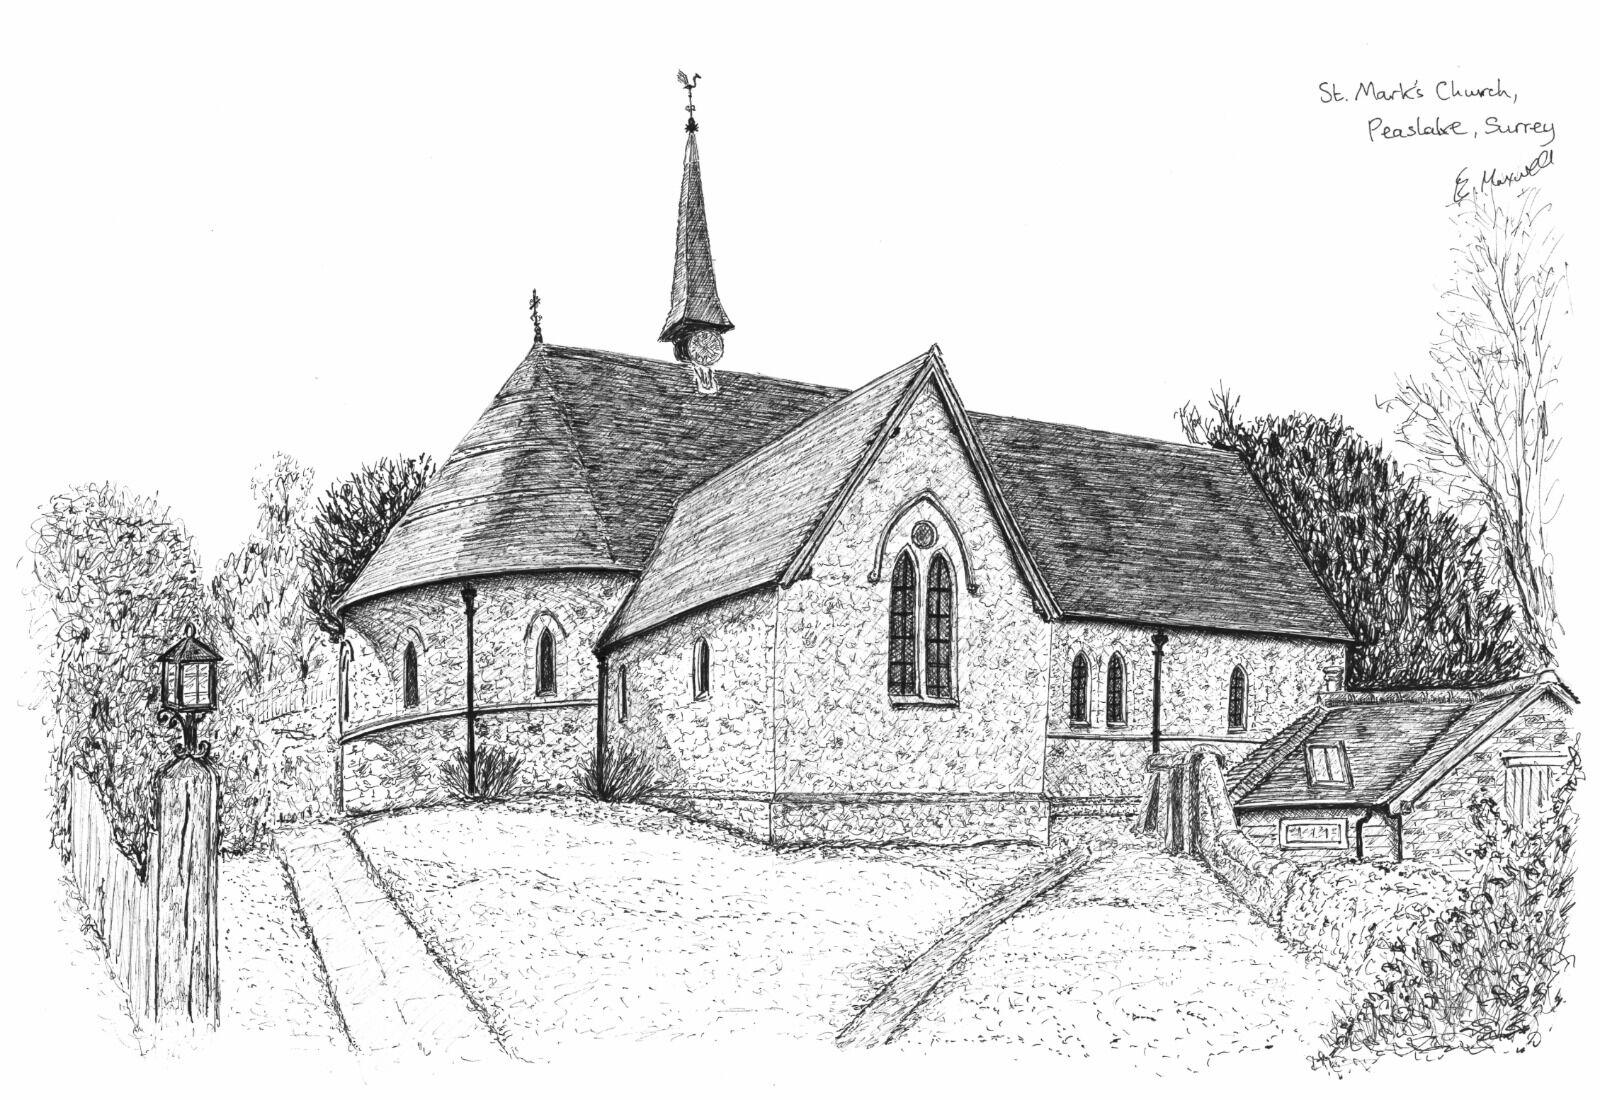 St Mark's Church, Peaslake